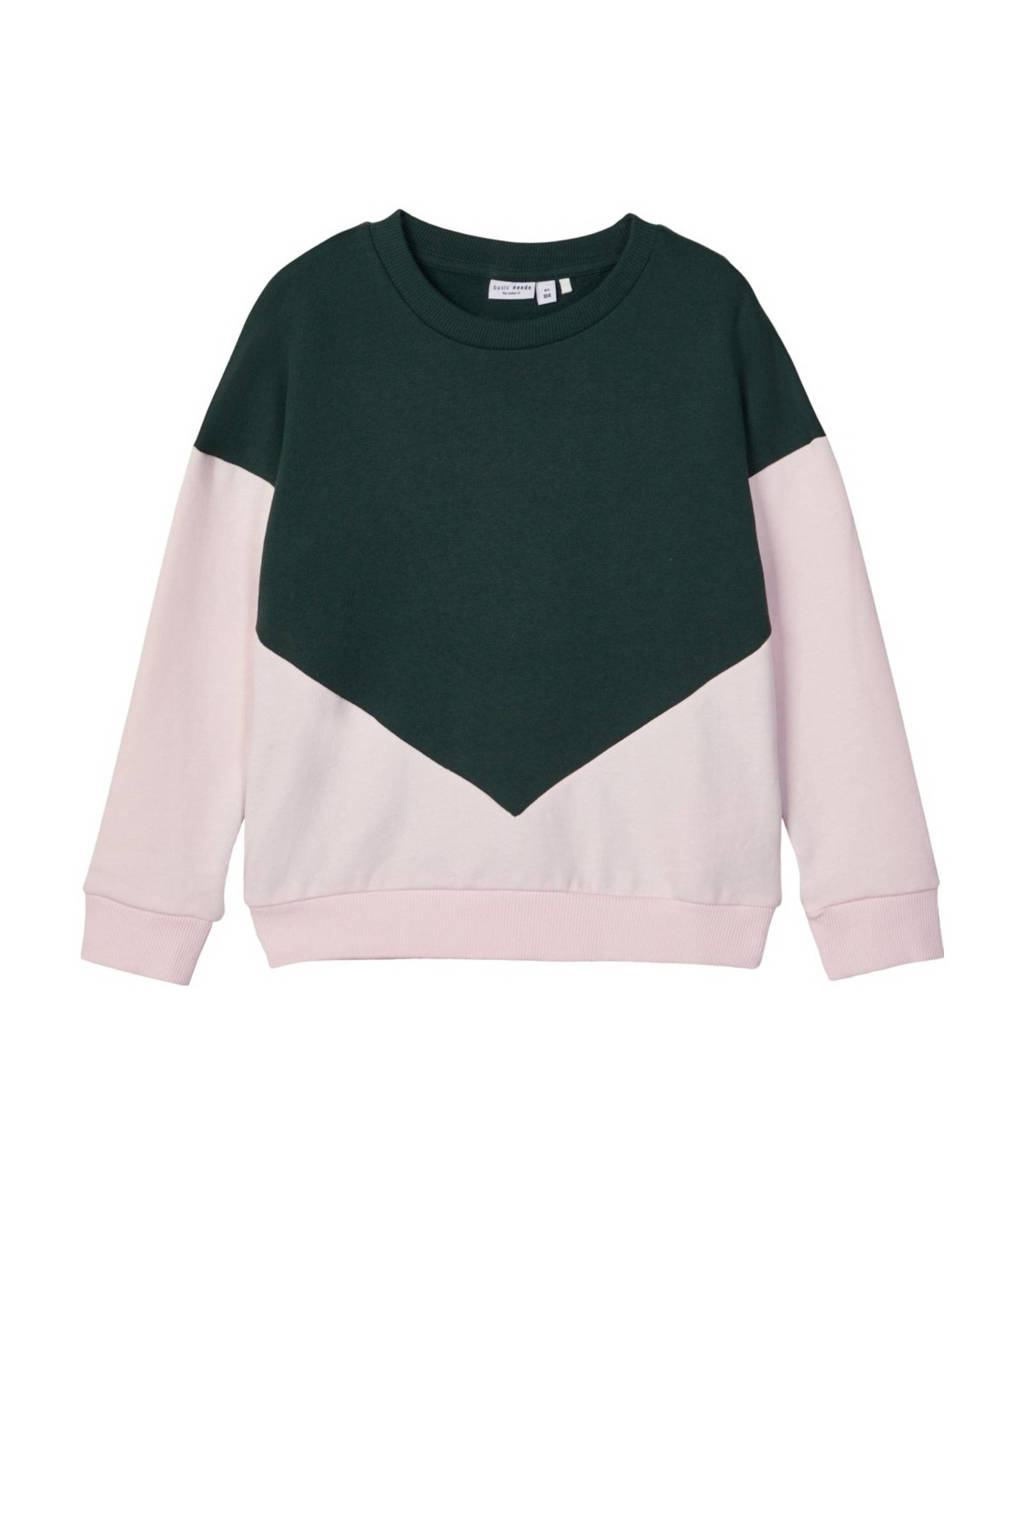 NAME IT KIDS sweater Wioletta paars/roze, Paars/roze